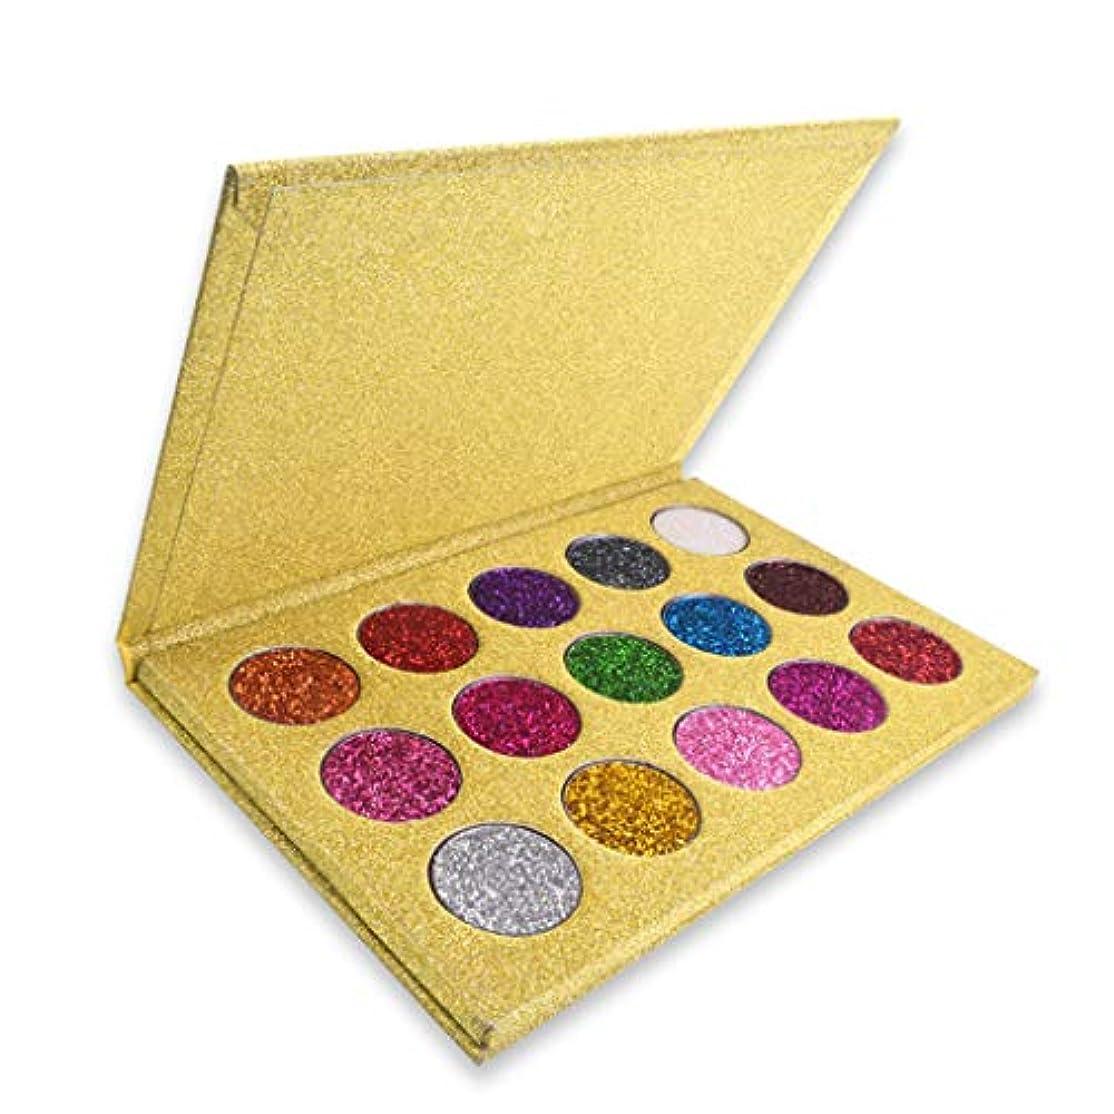 コスチューム重要な役割を果たす、中心的な手段となるリルきらめき15色の光沢のある目の影のきらめきの粉パレット色の化粧品